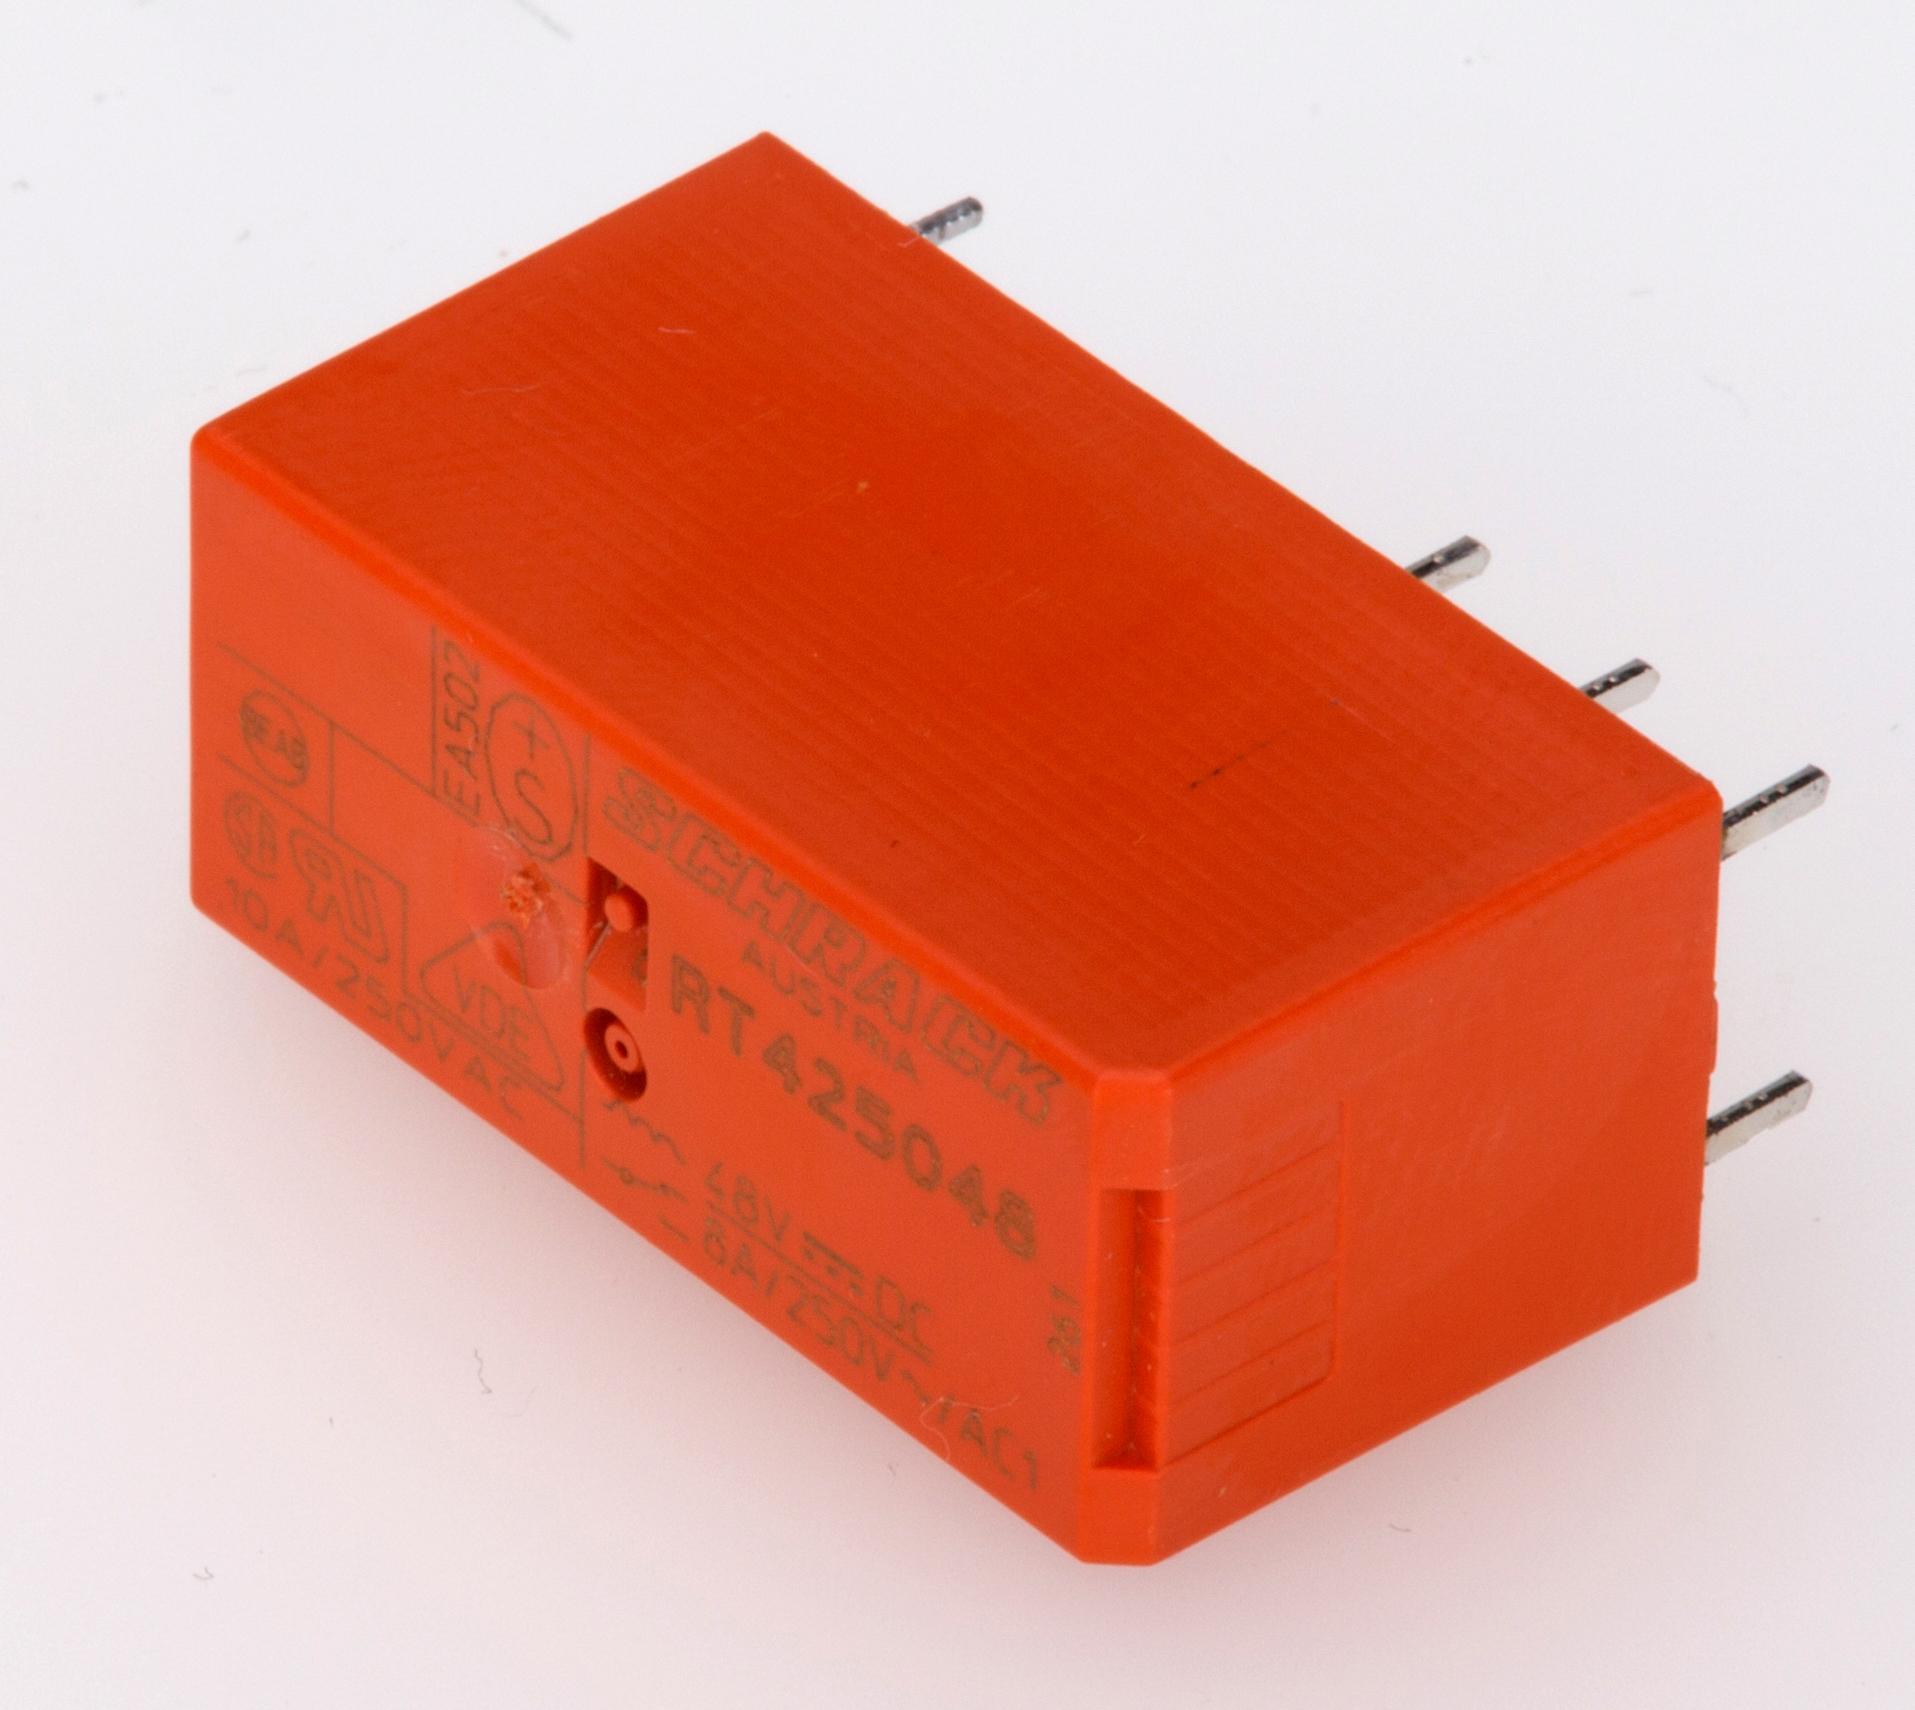 1 Stk Leistungs-Printrelais, 2 Wechsler, 8A, 48VDC, 5mm, htv RT425048--